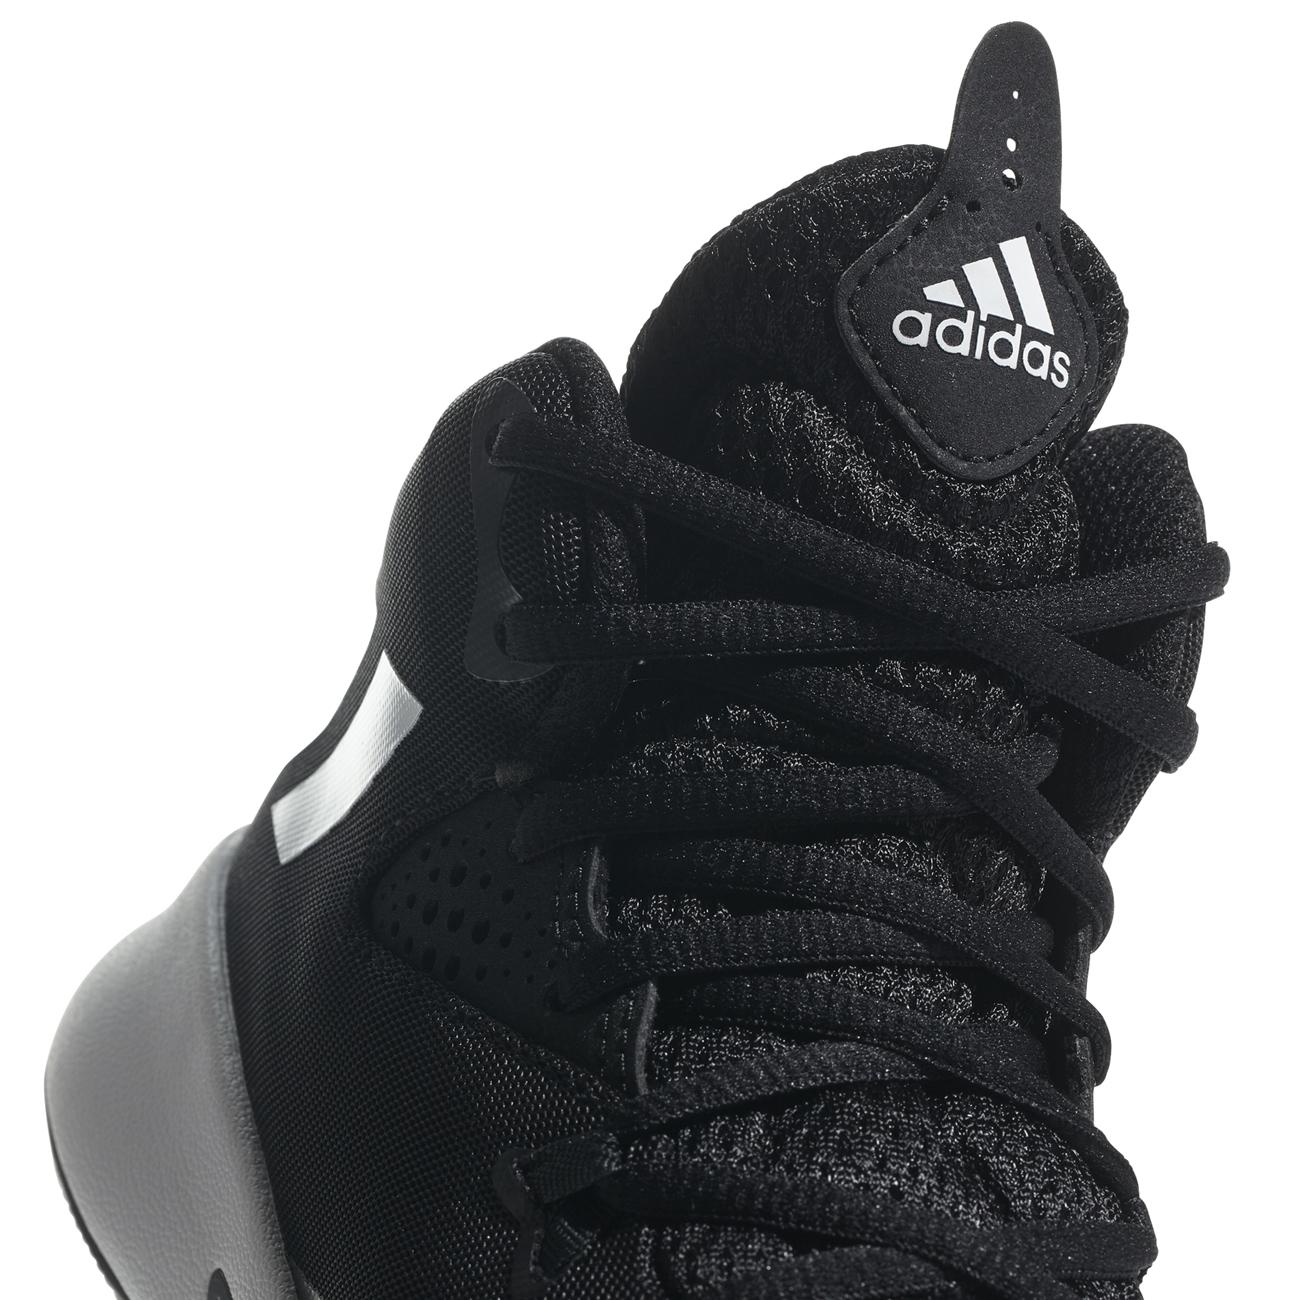 ... Adidas Dual Threat 2017 Junior (black white) d94a24749